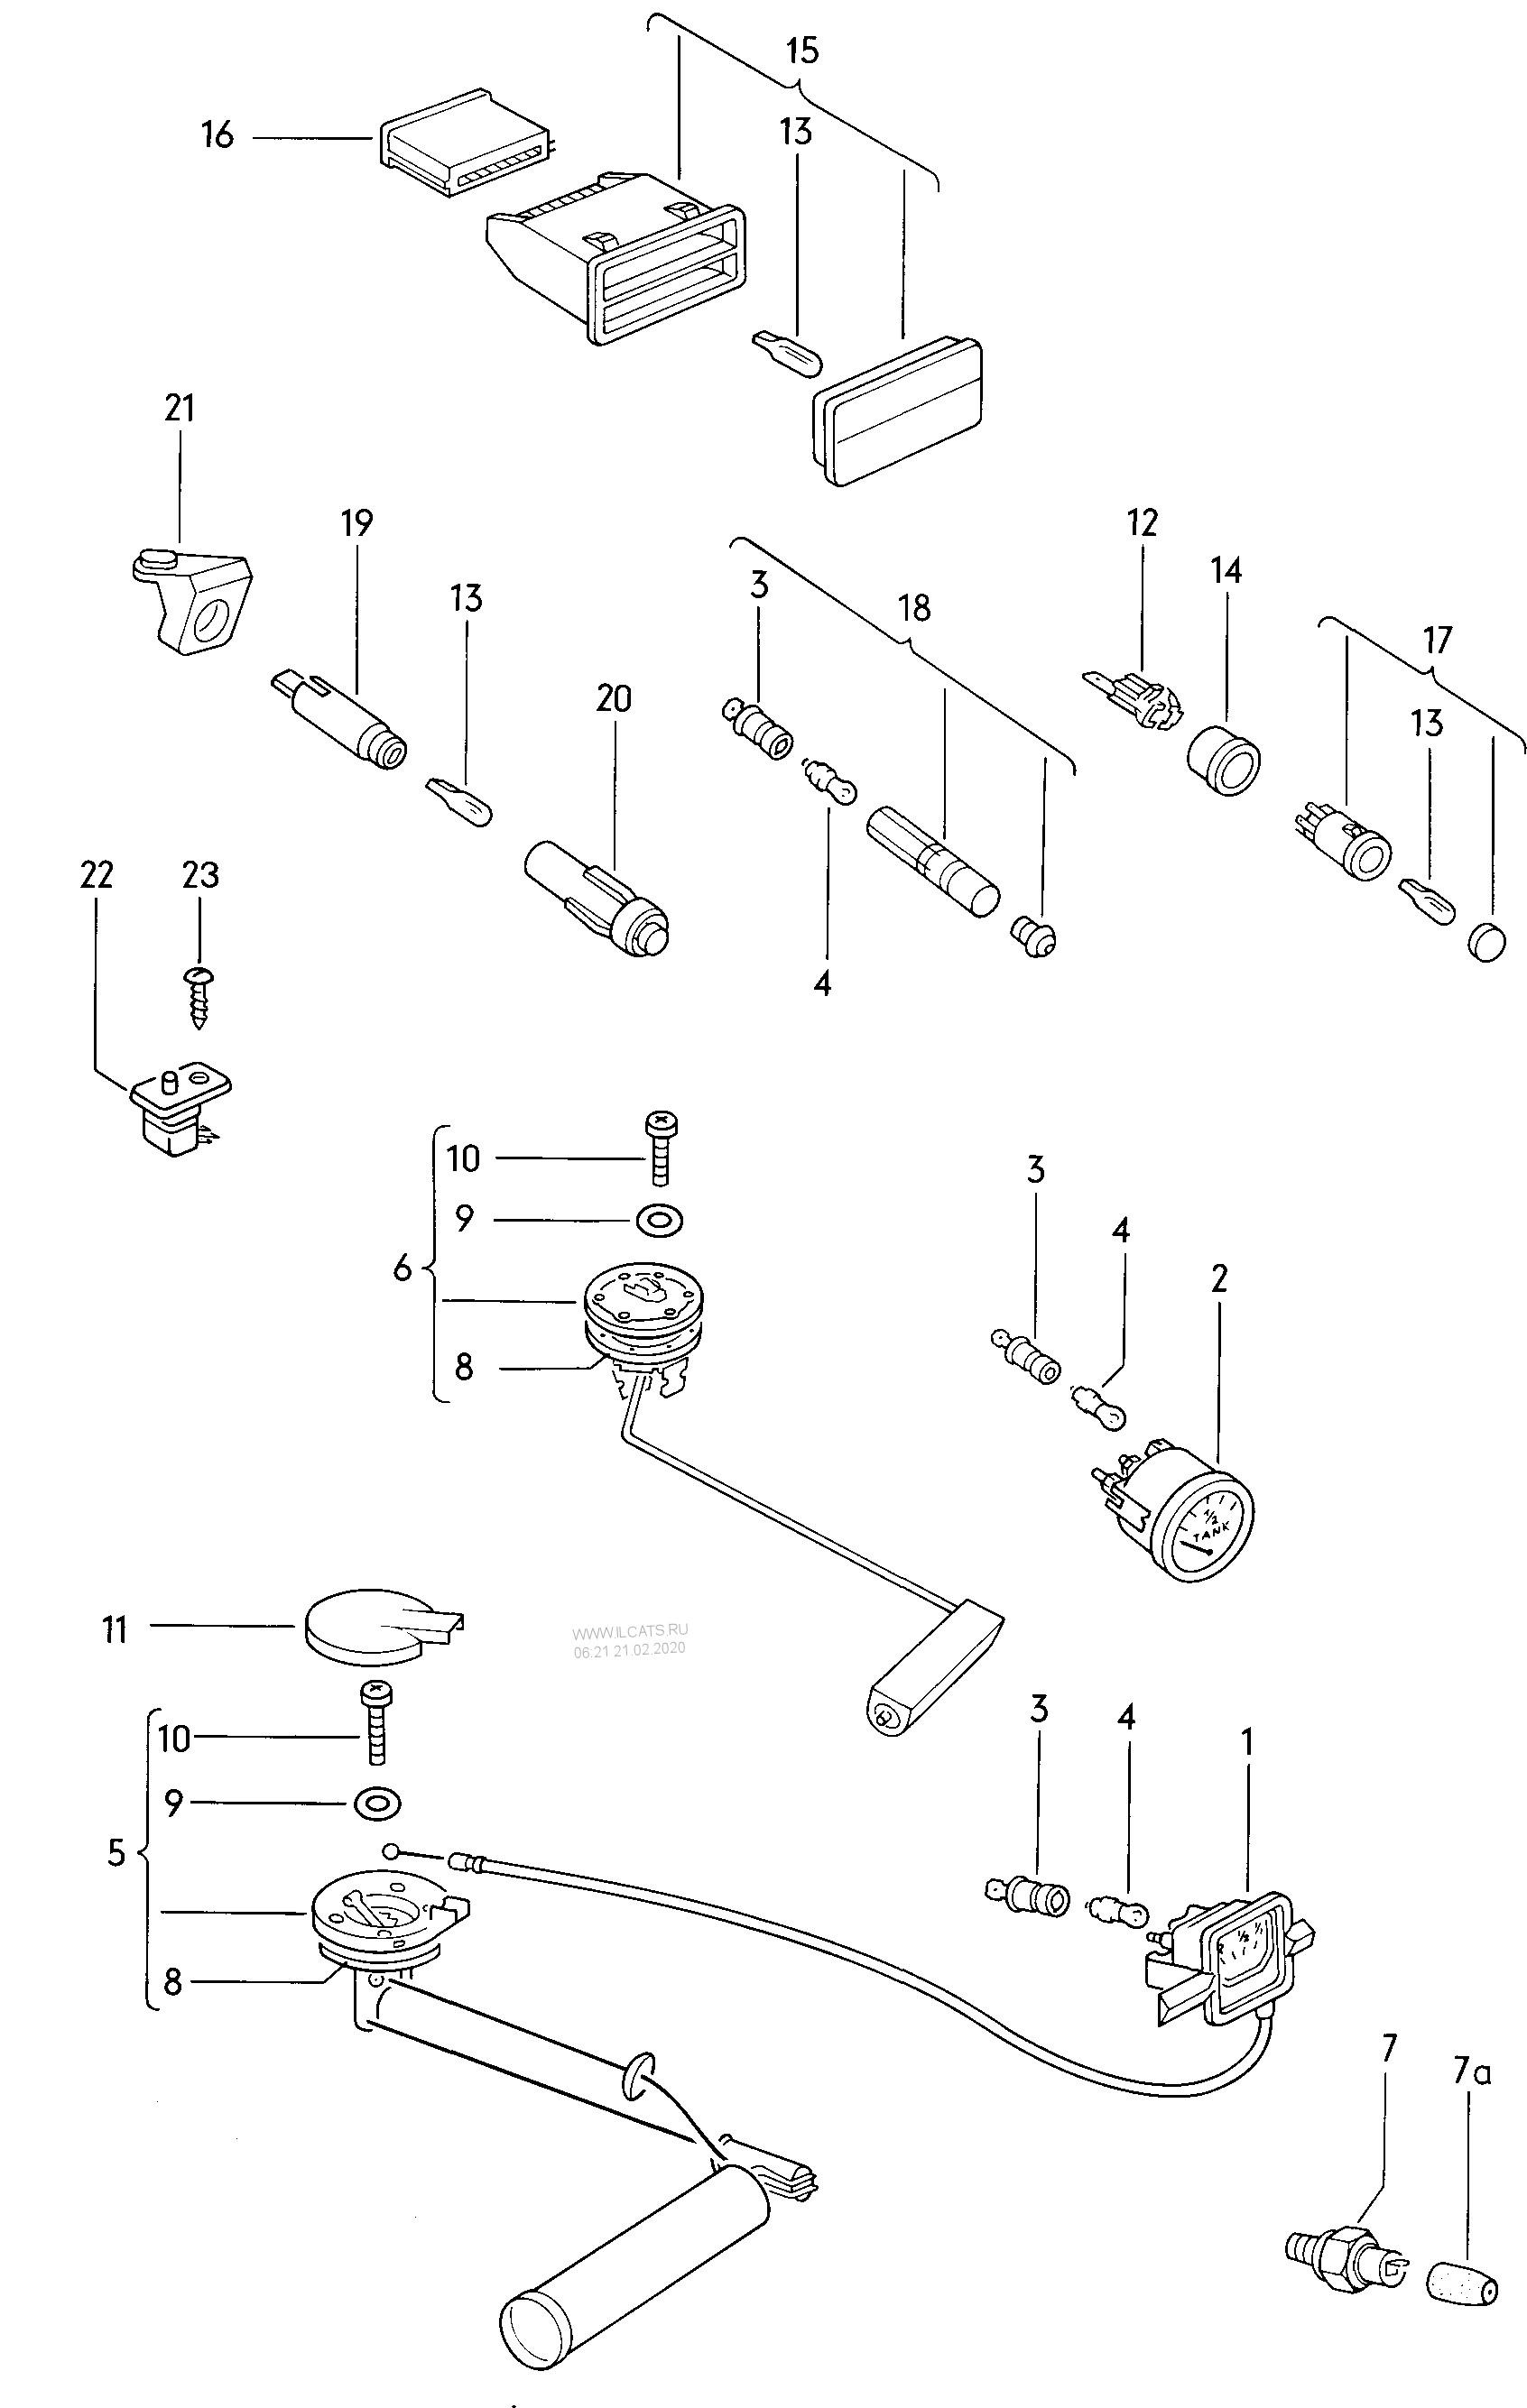 sender for fuel gauge oil pressure switch warning light for dual